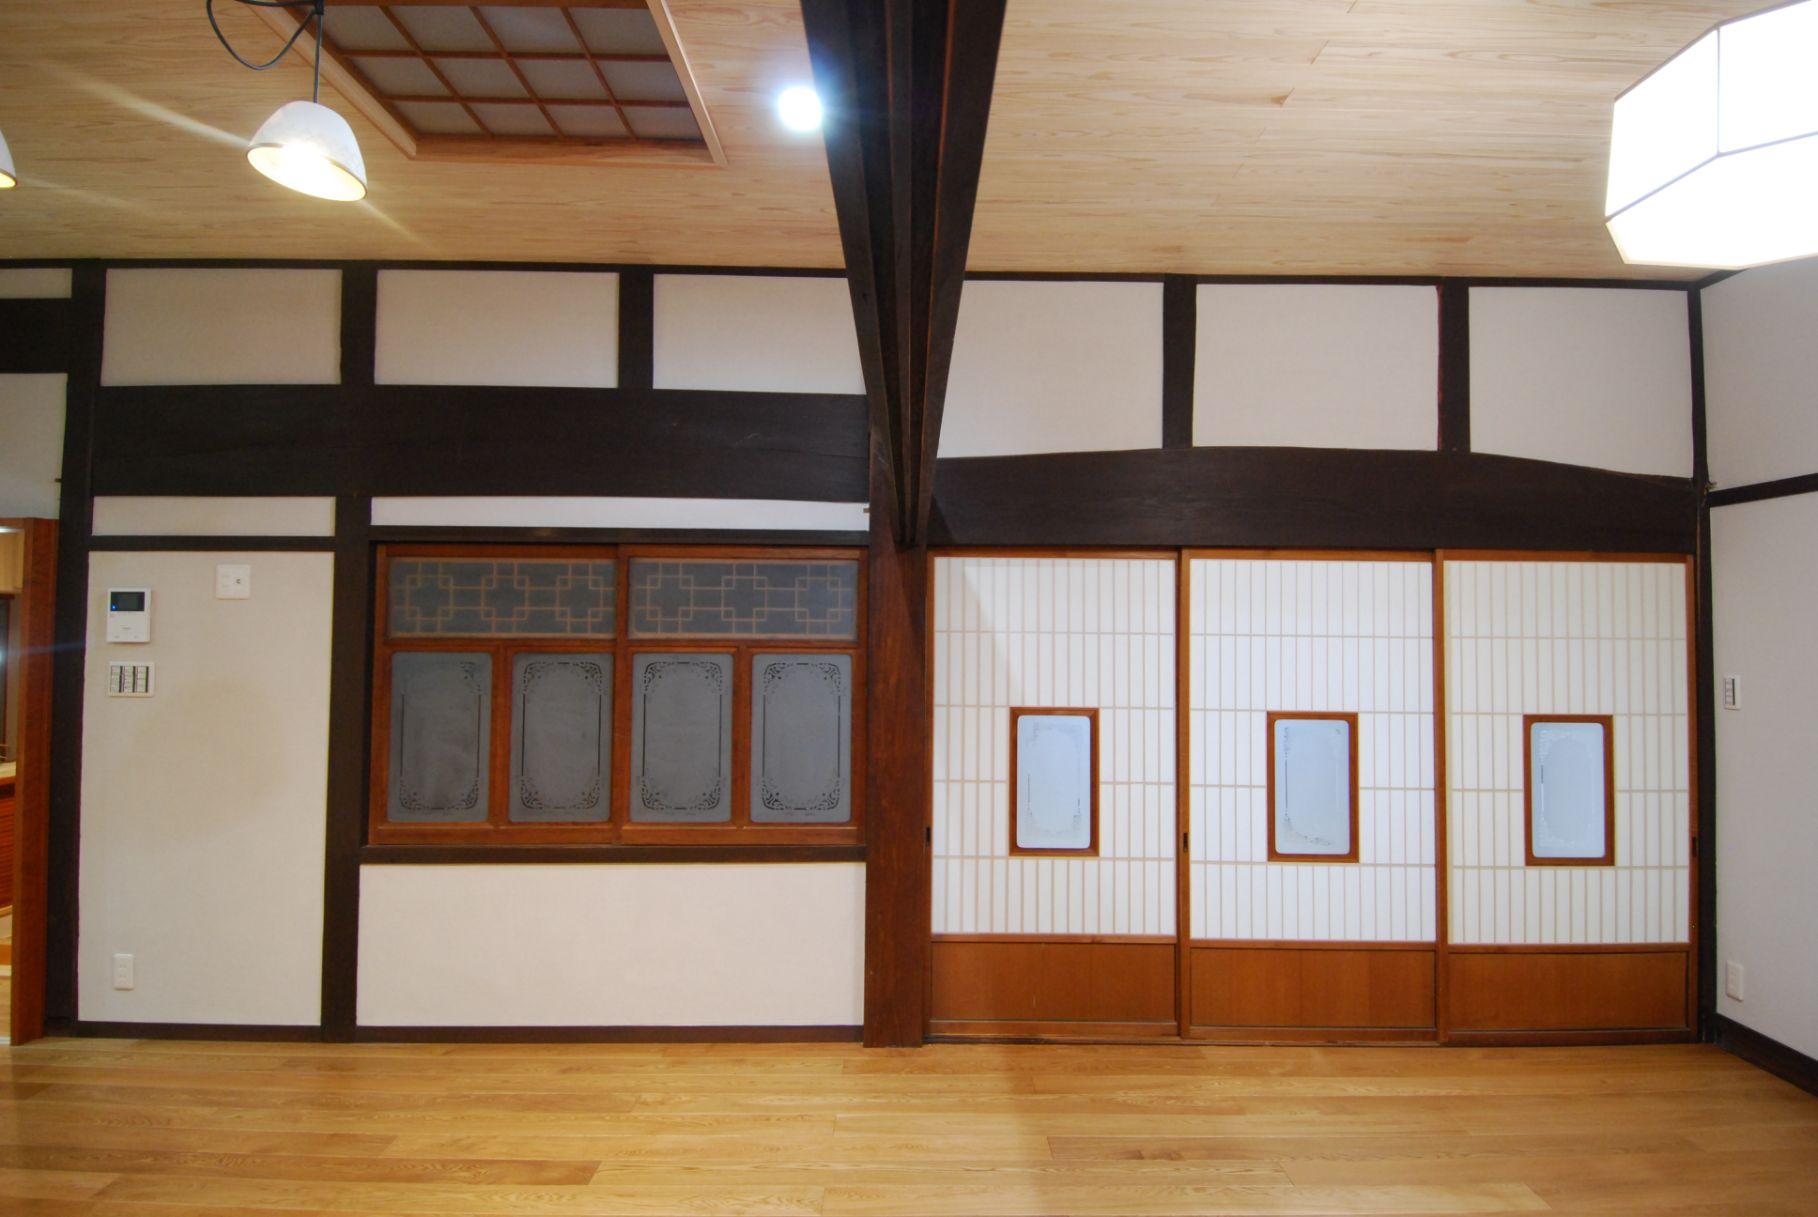 以前は、厚鴨居を挟んで向かって右が和室、左がダイニング。建具は既存のものをそのまま使用。